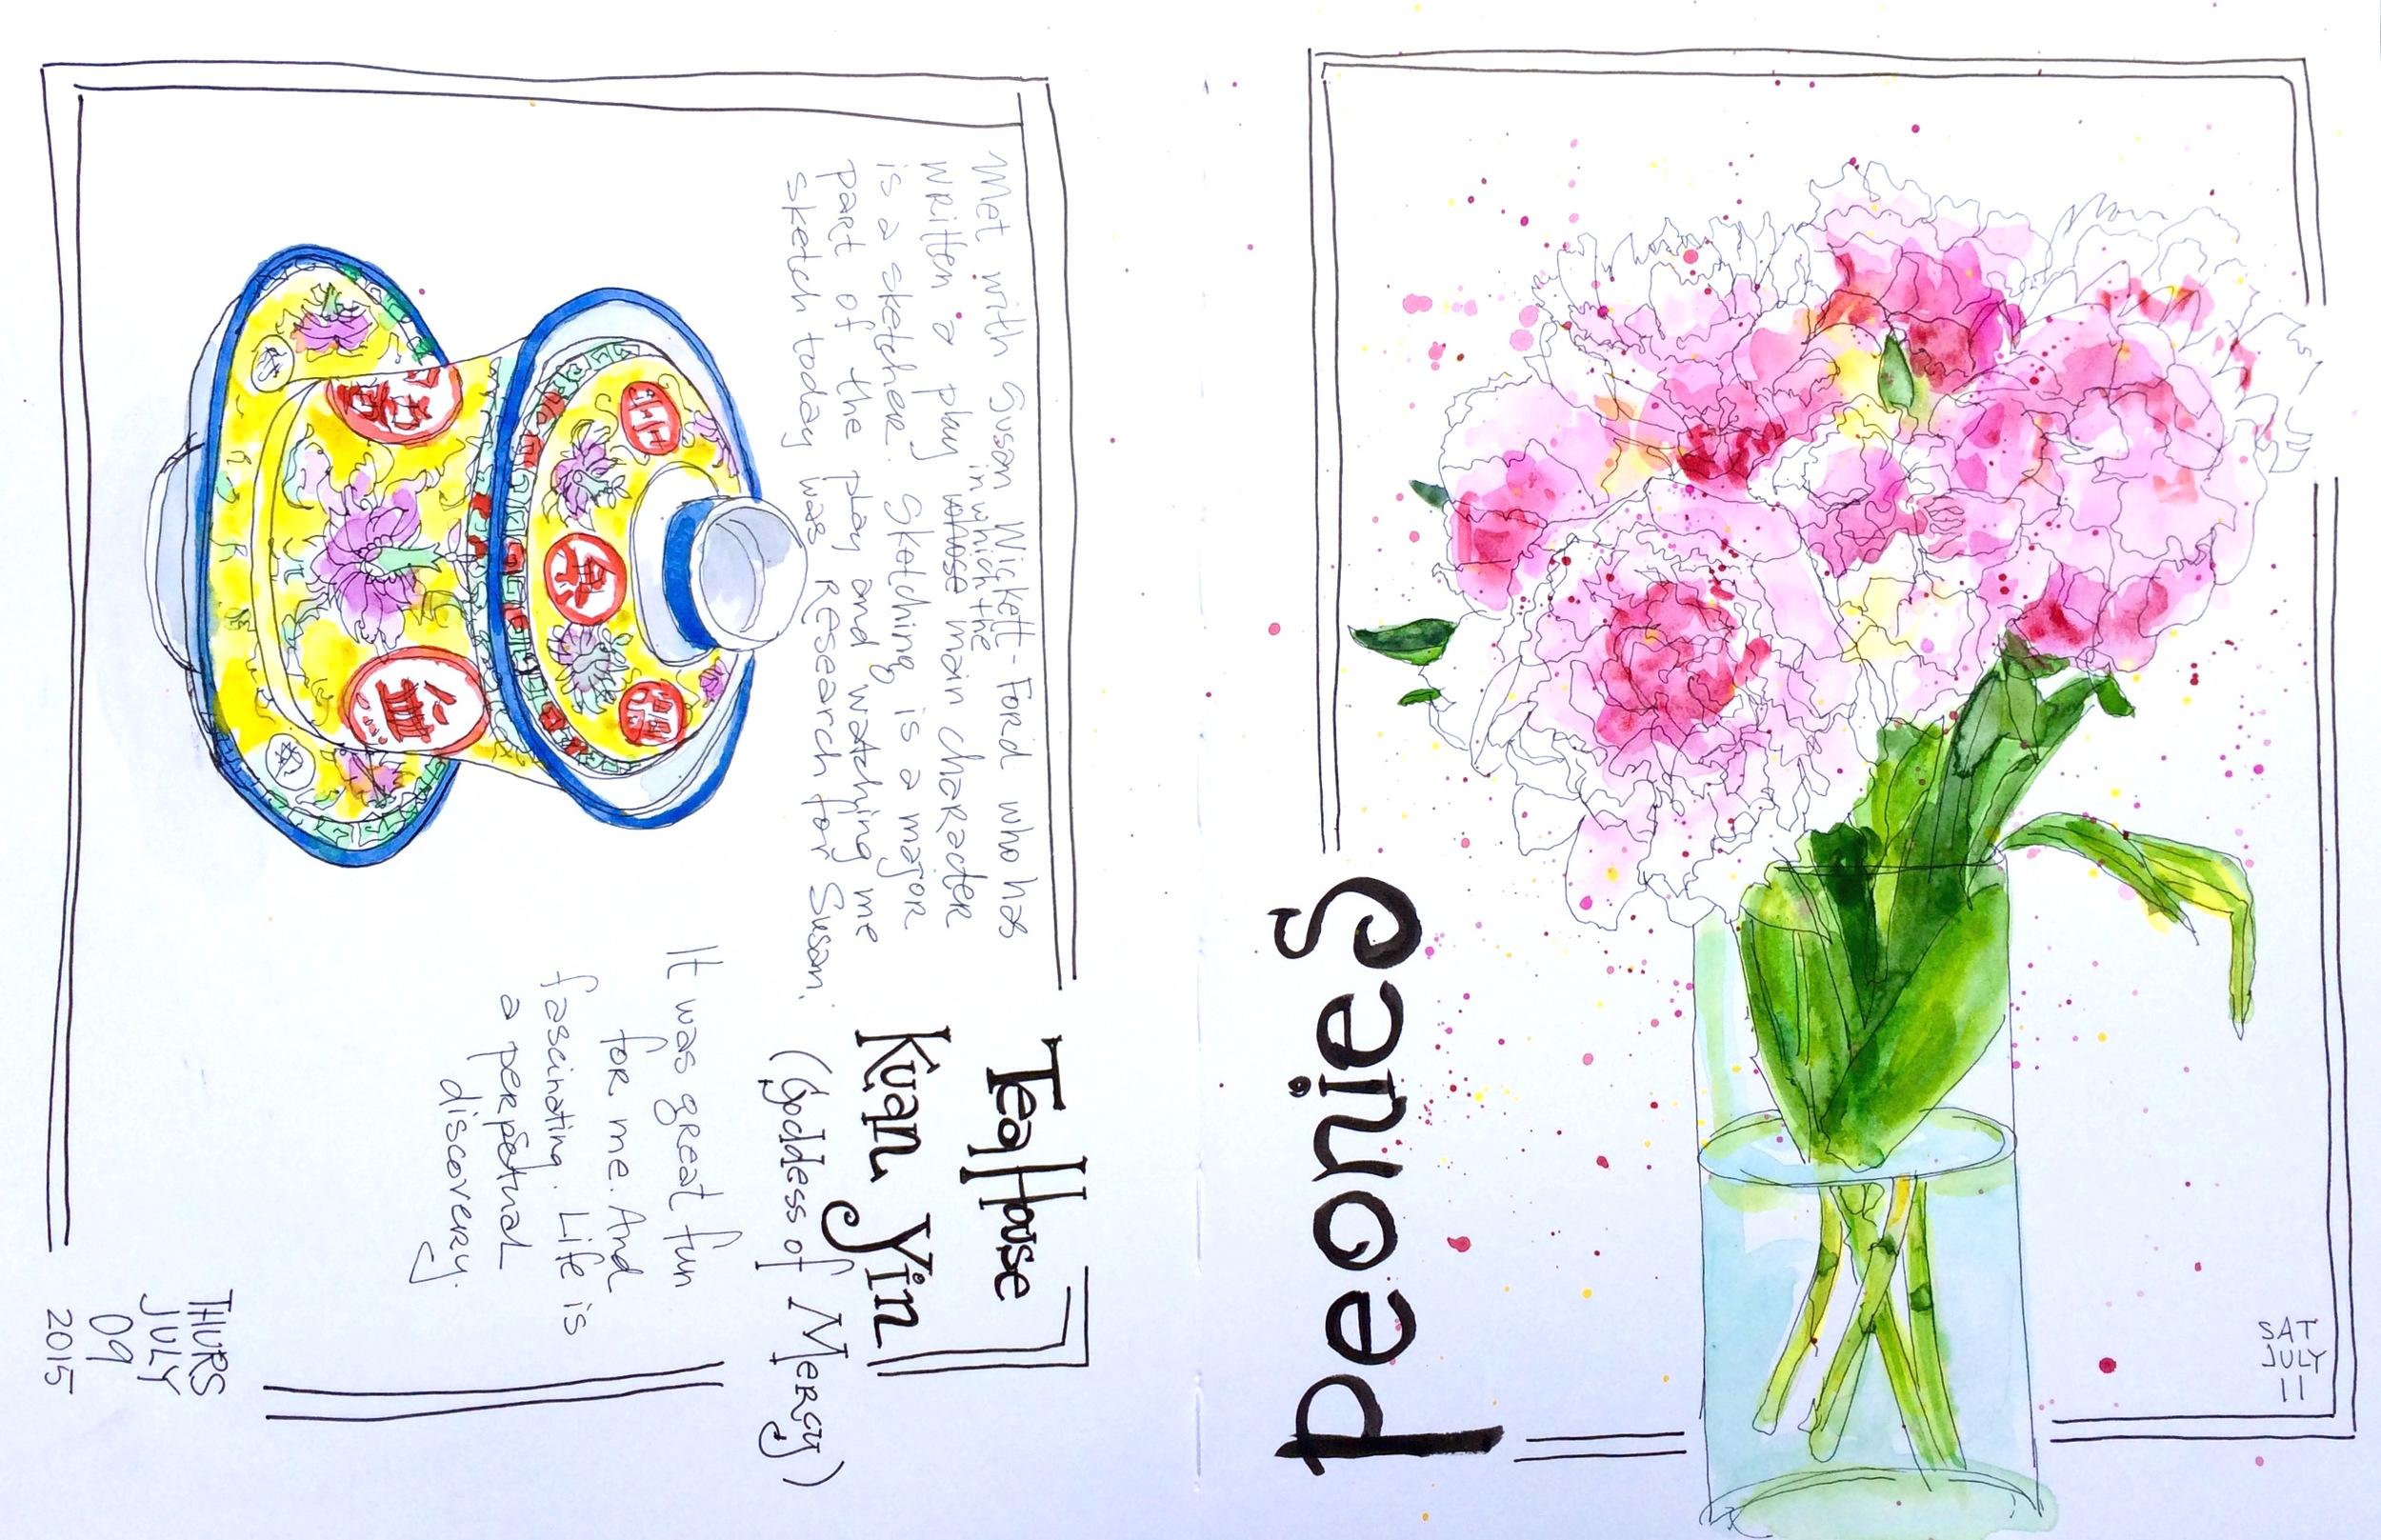 Last spread in my sketchbook. Next!